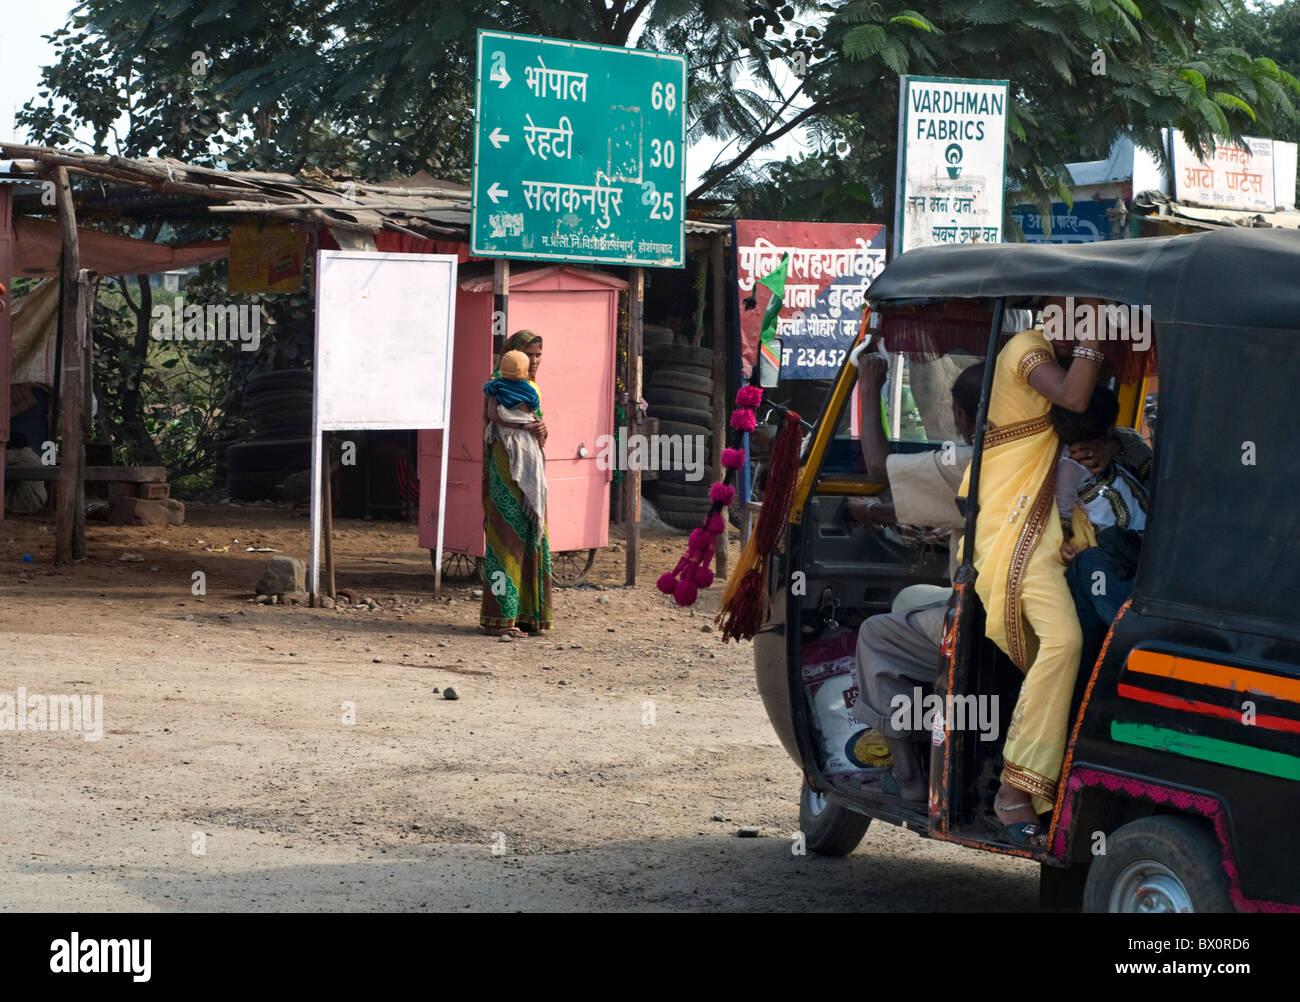 Datenverkehr auf einem Dorf in Madhya Pradesh, Indien Stockbild